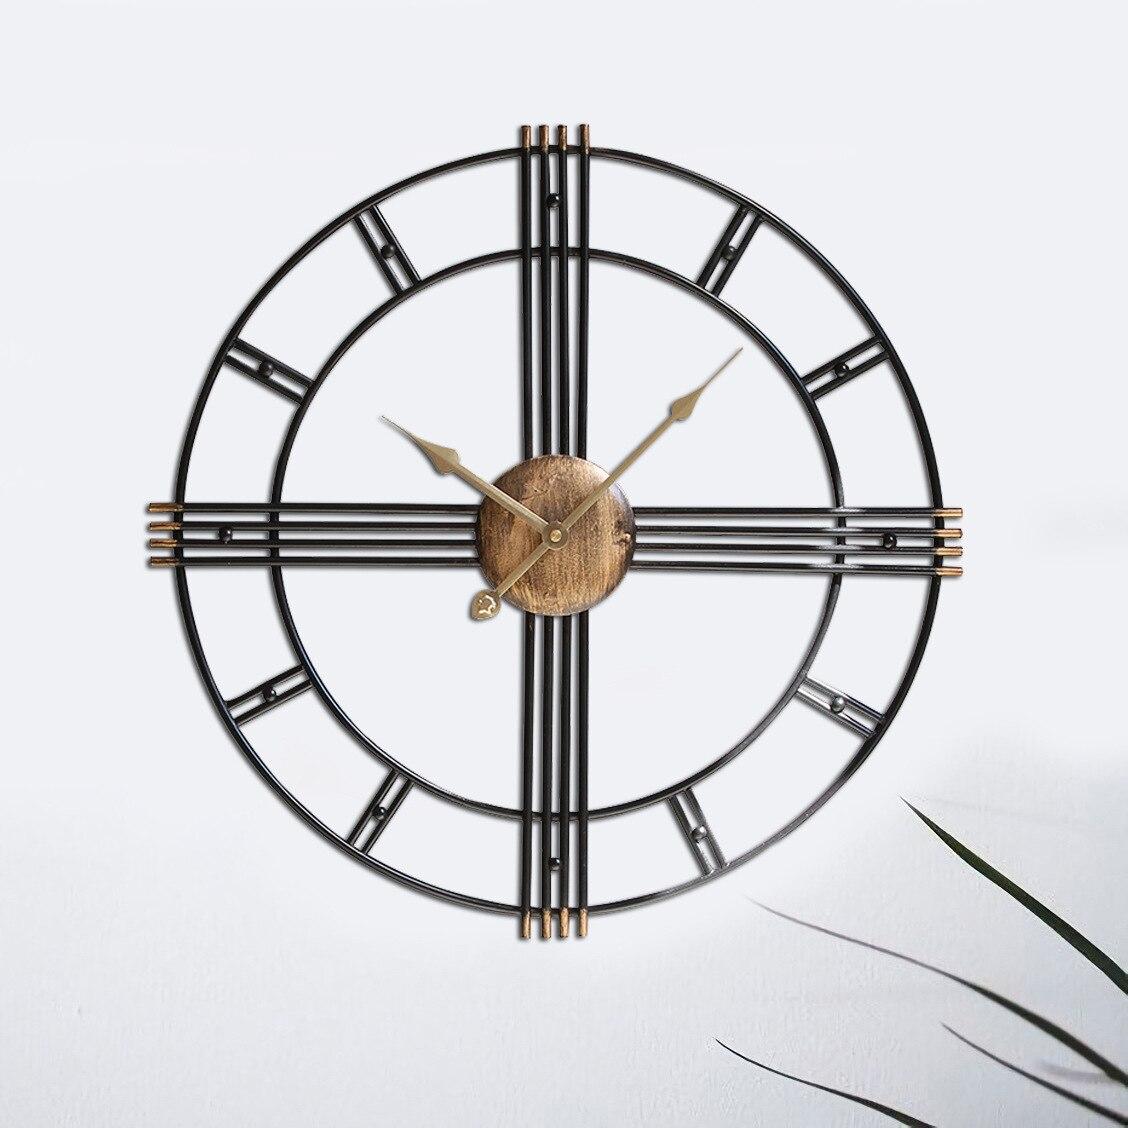 Vintage métal mur horloges Creative antique mur montres Fer nordique bref horloges cadeau idées grande horloge murale pour salon